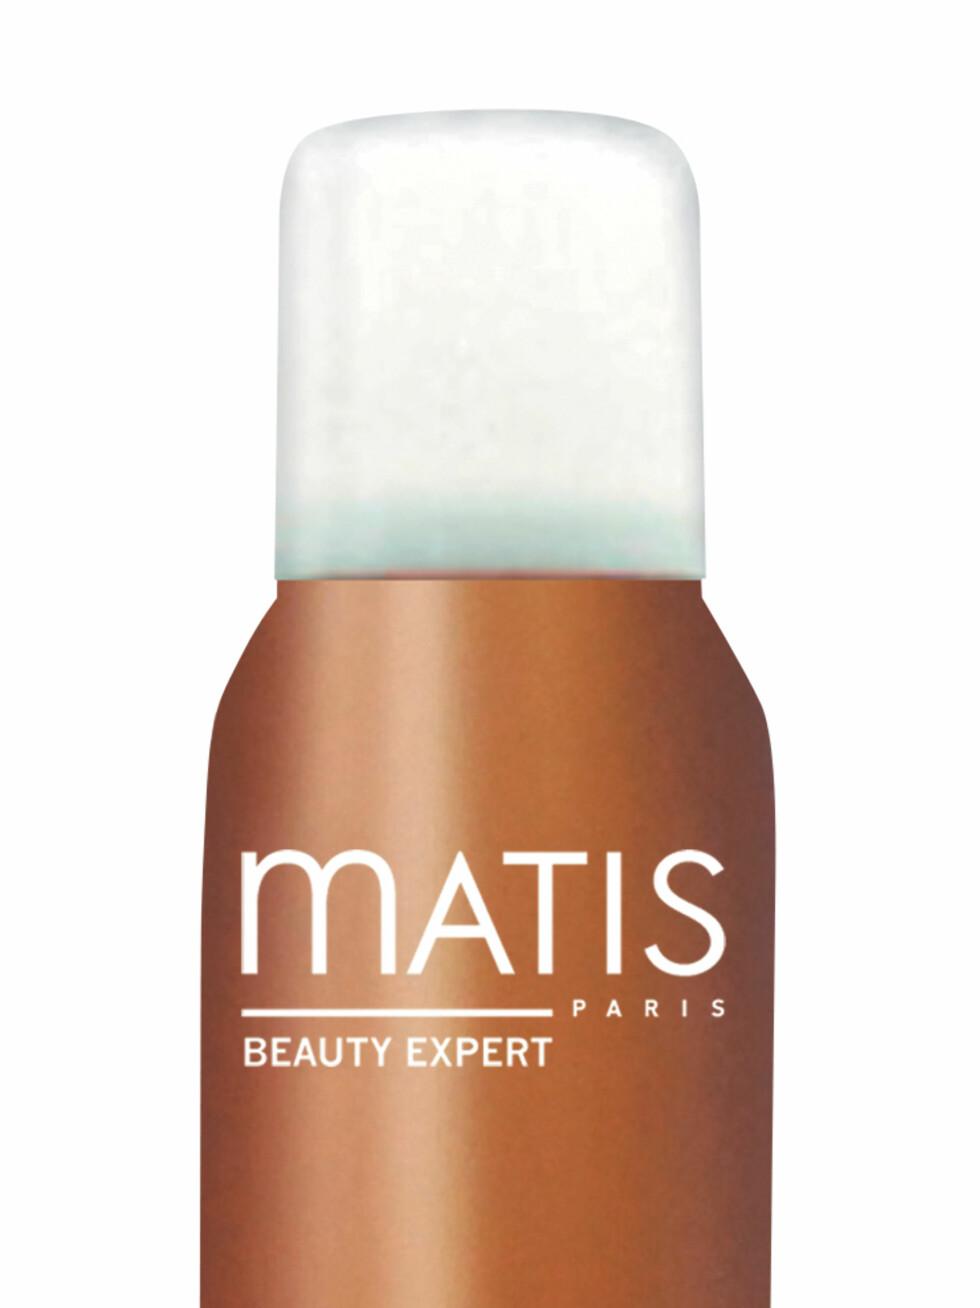 Self-Tanning Spray for body fra Matis, kr 449. Foto: Produsenten